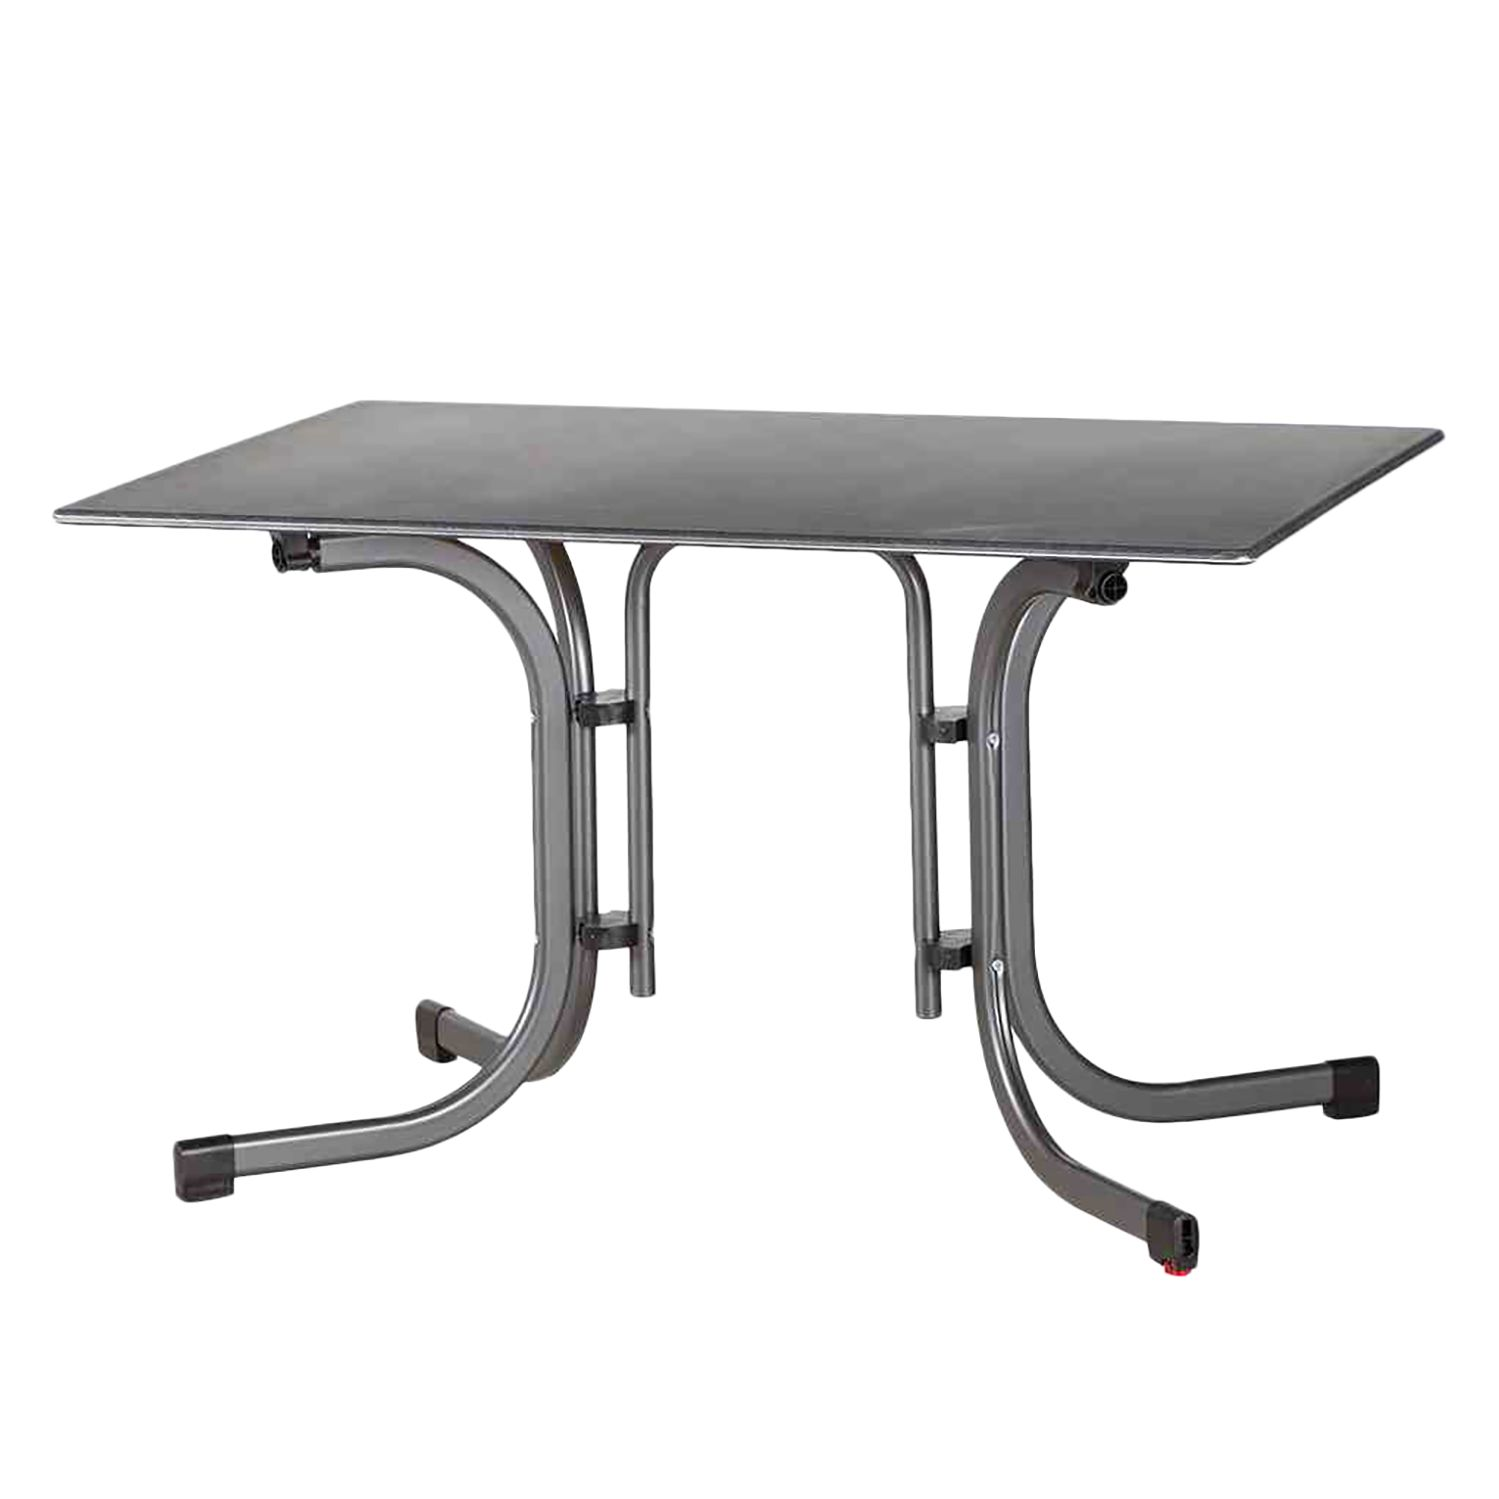 Klapptisch Slim Klapptisch Esstisch Klappbarer Gartentisch